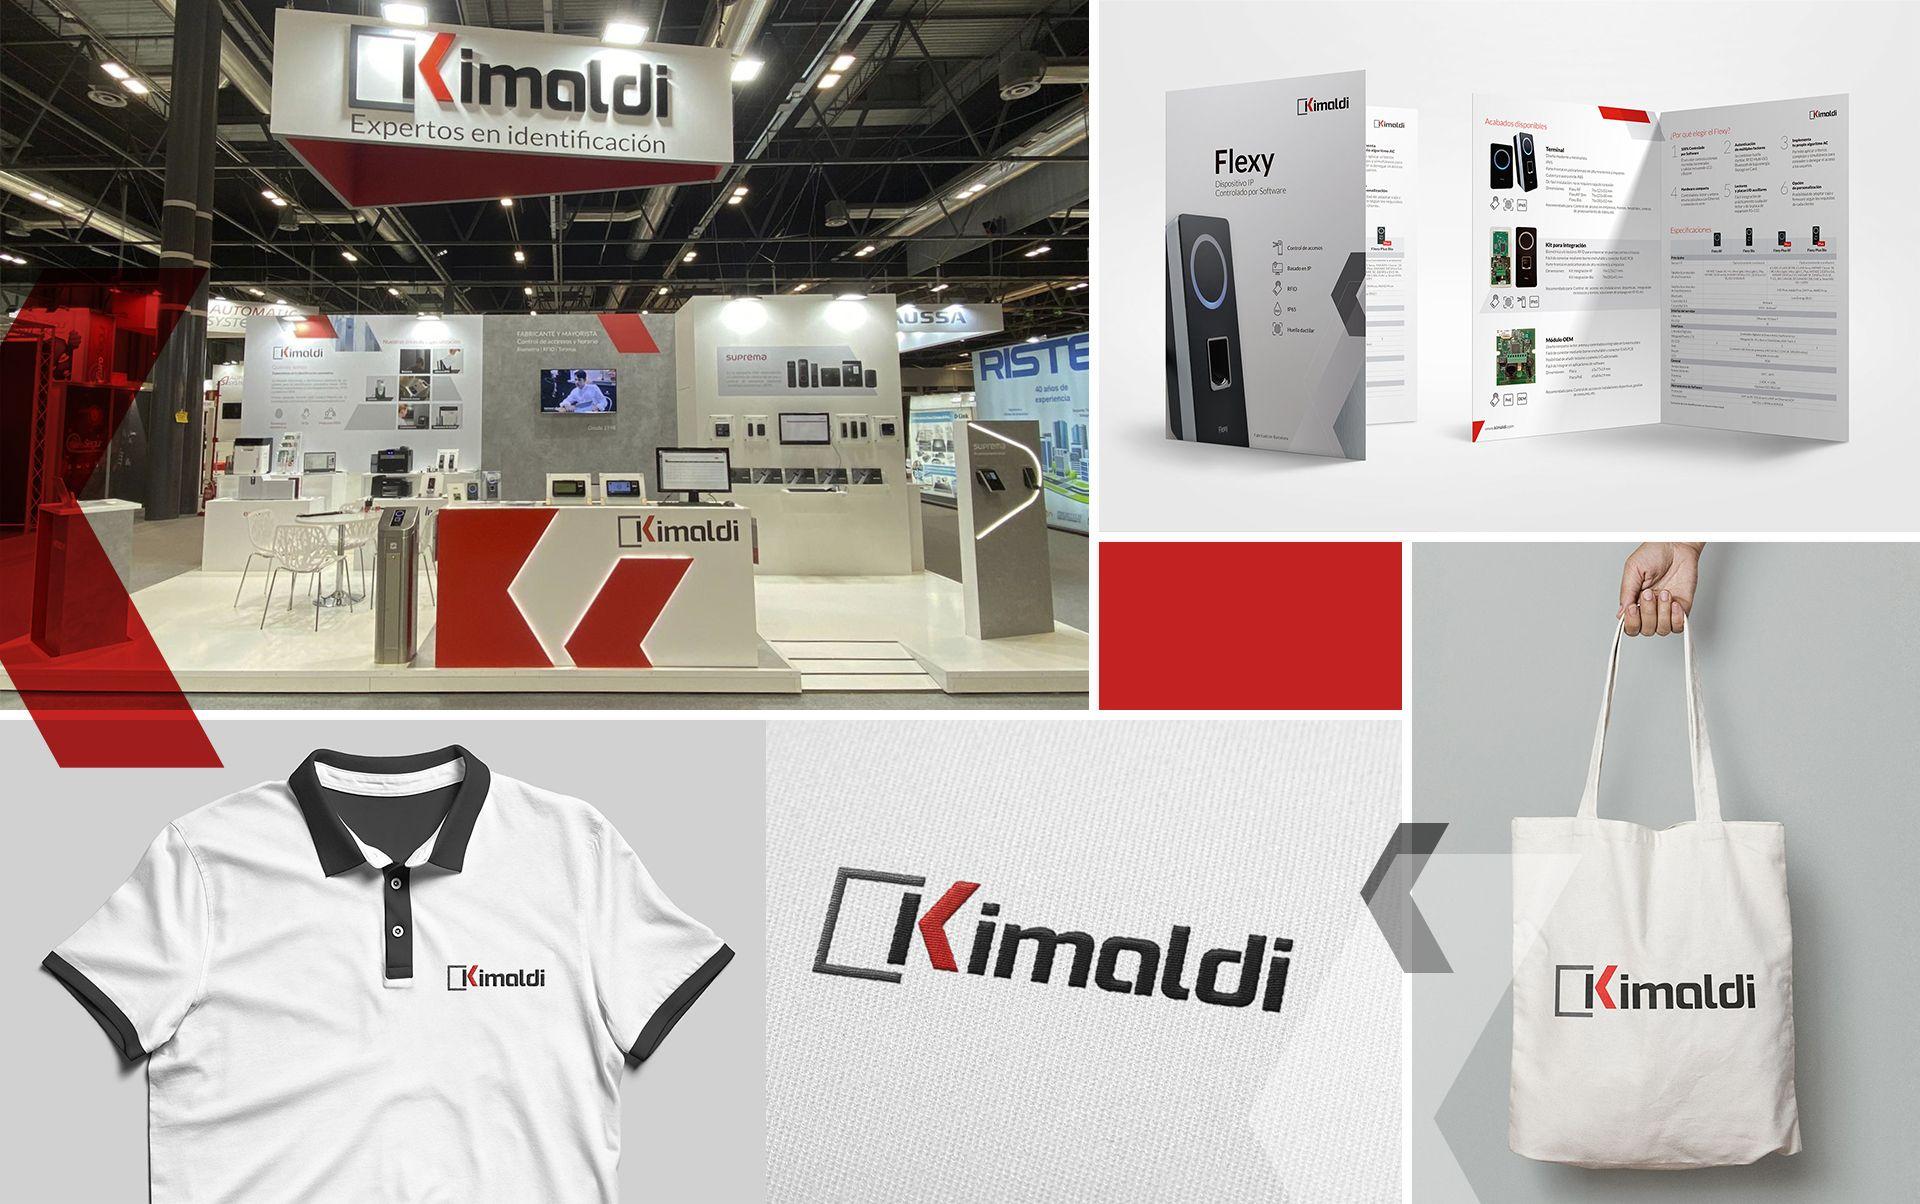 restyling de marca kimaldi - Restyling de marca y material corporativo